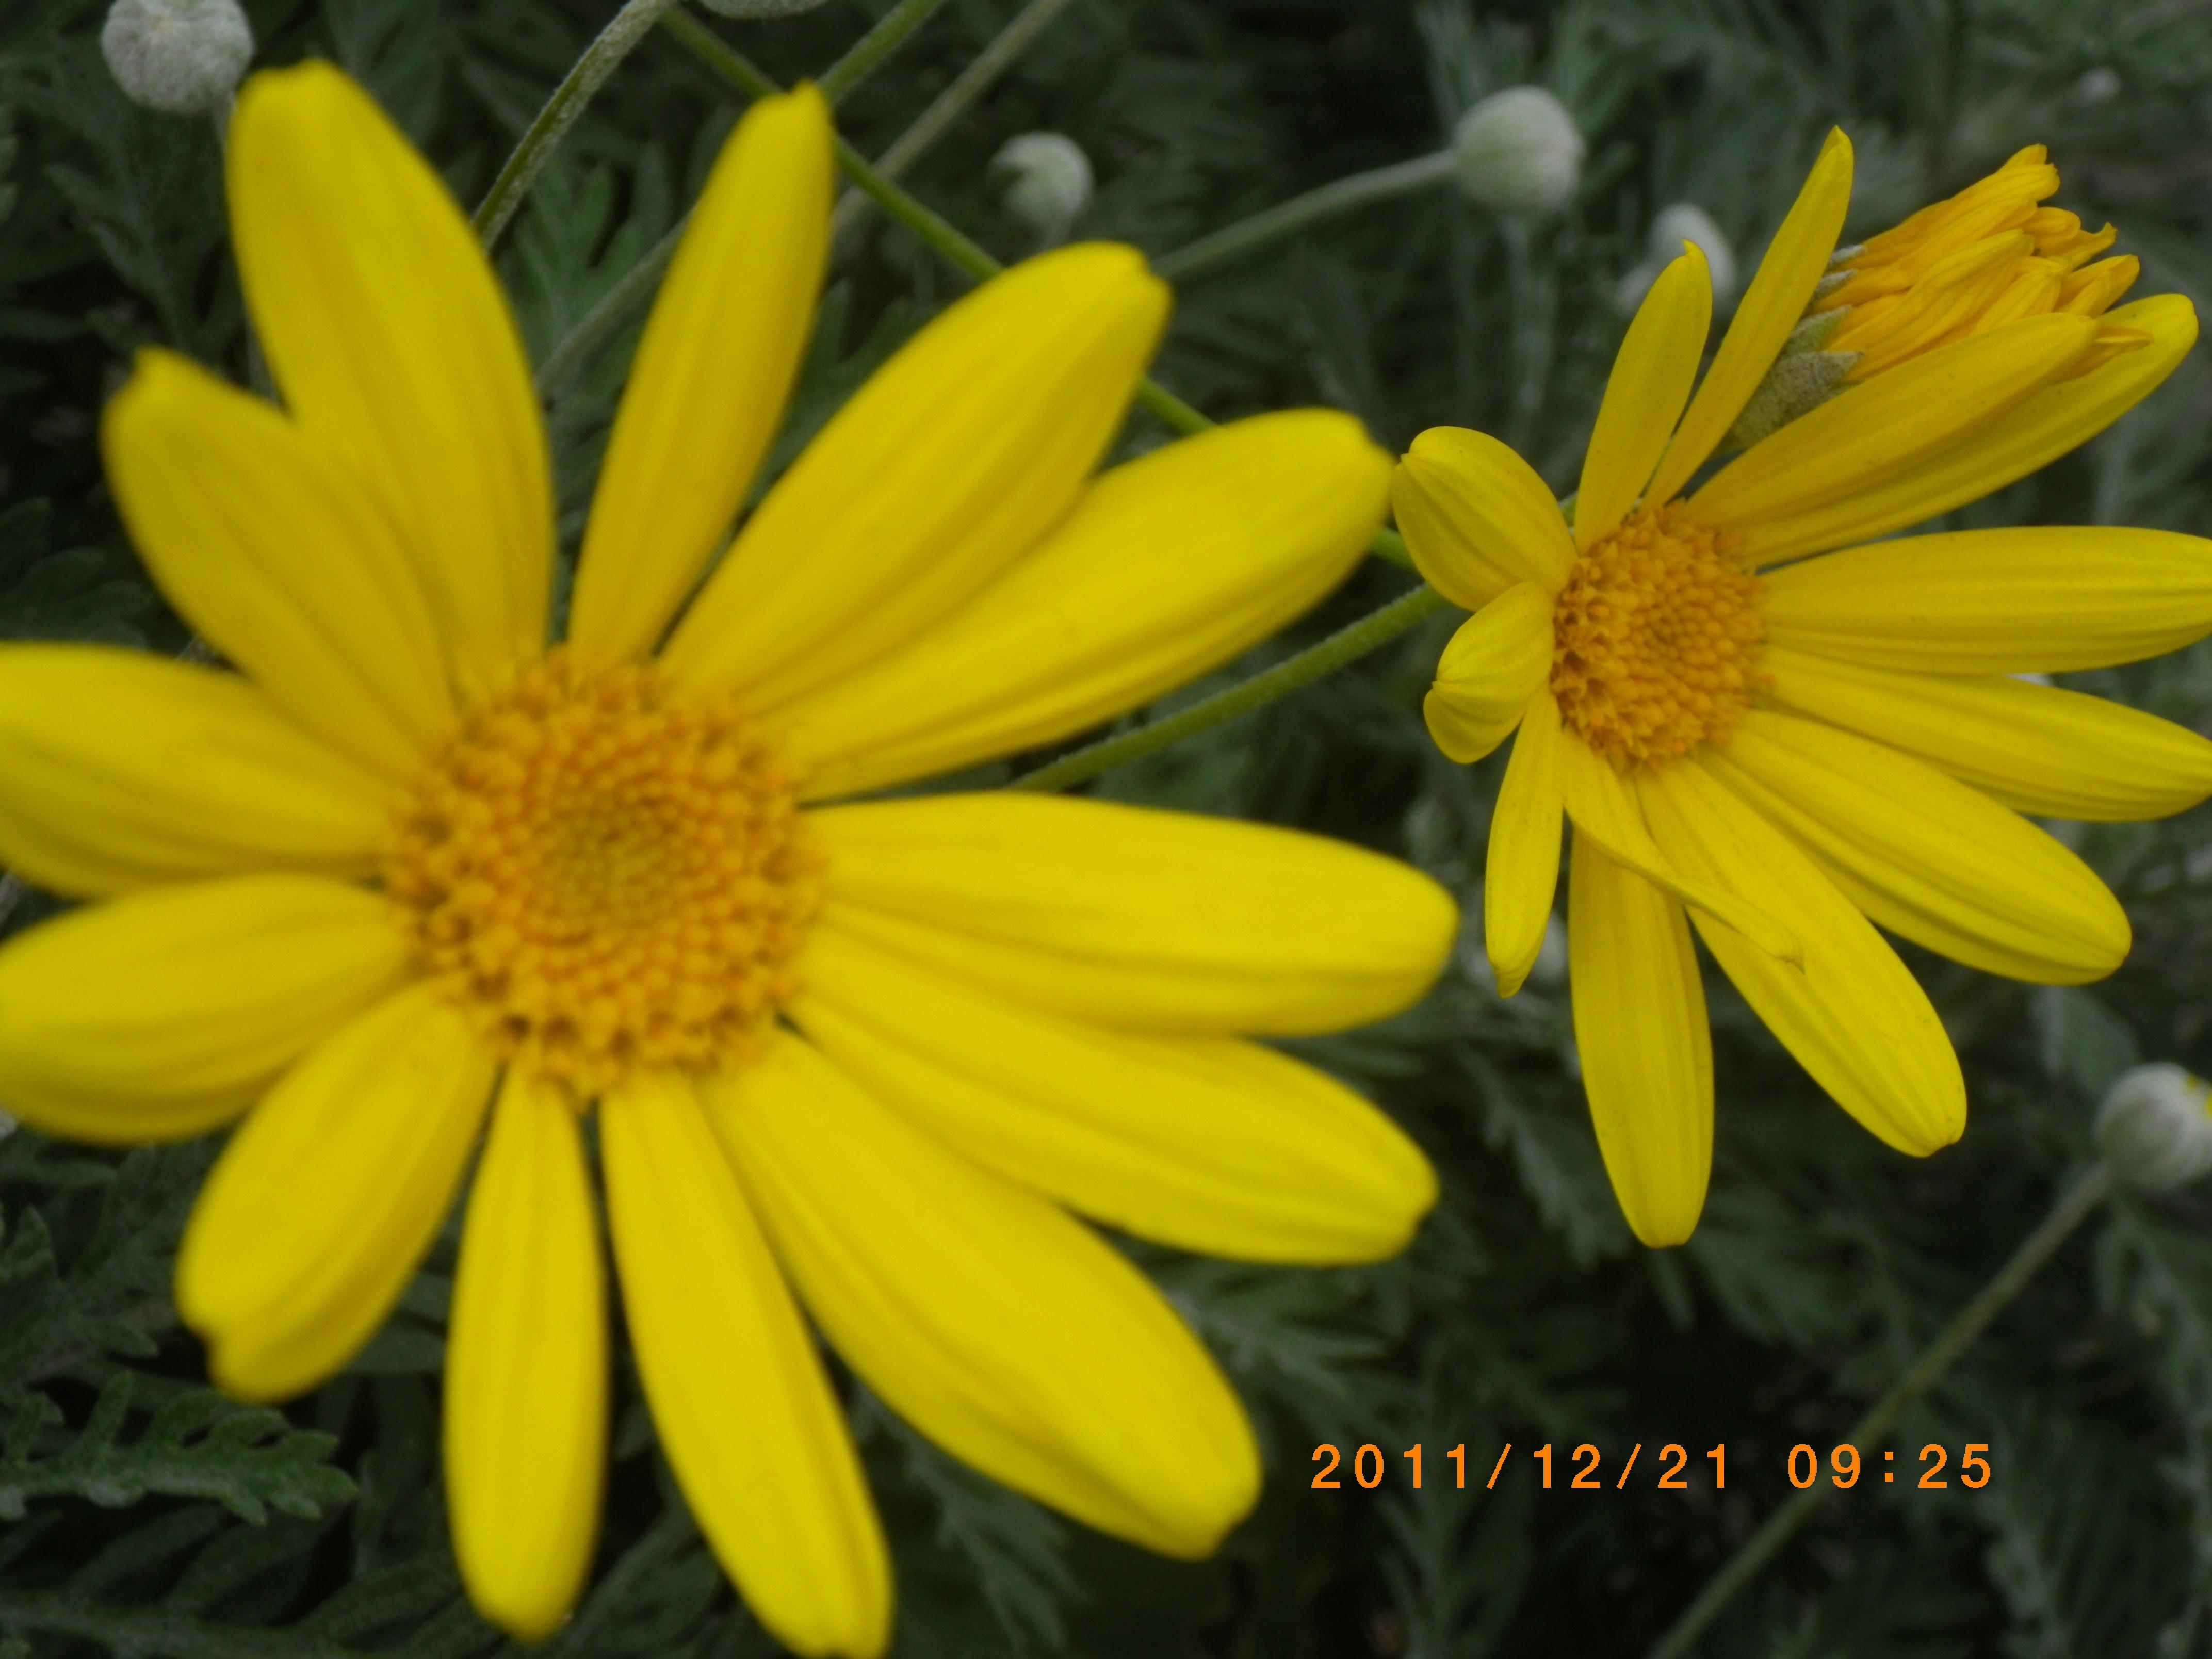 http://www.law-pro.jp/weblog/20111222.JPG